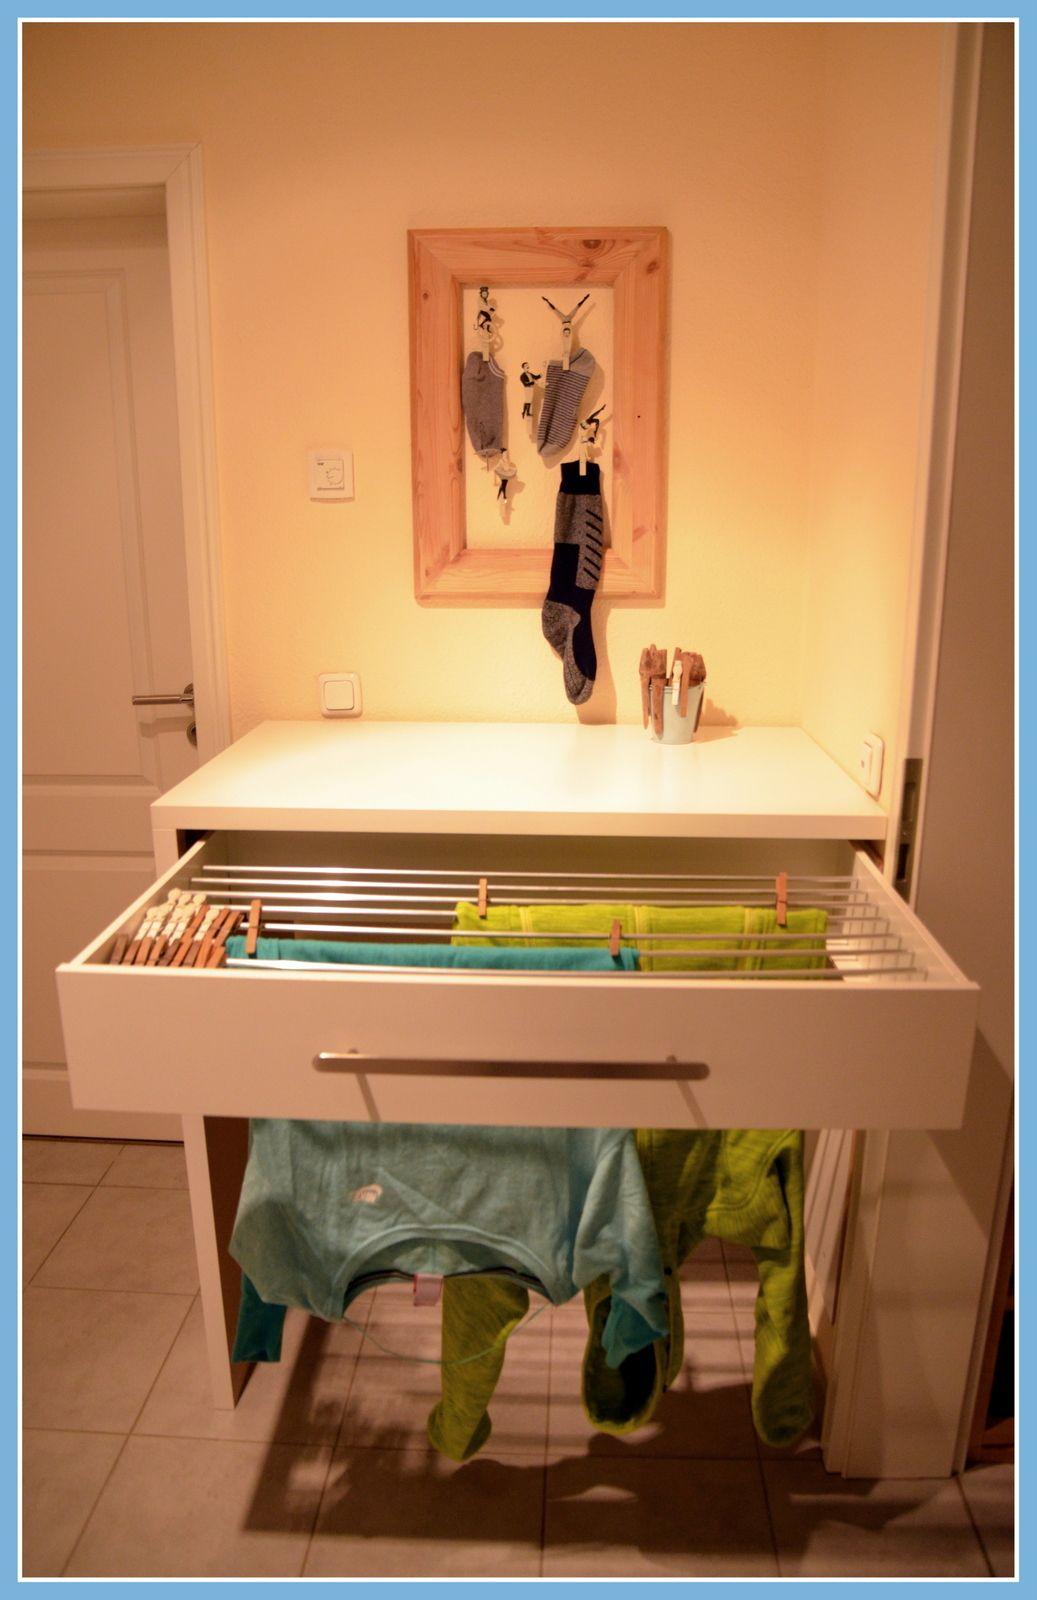 Ikea Wäscheständer wäschetrockner wäscheständer in ikea komplement schublade diy